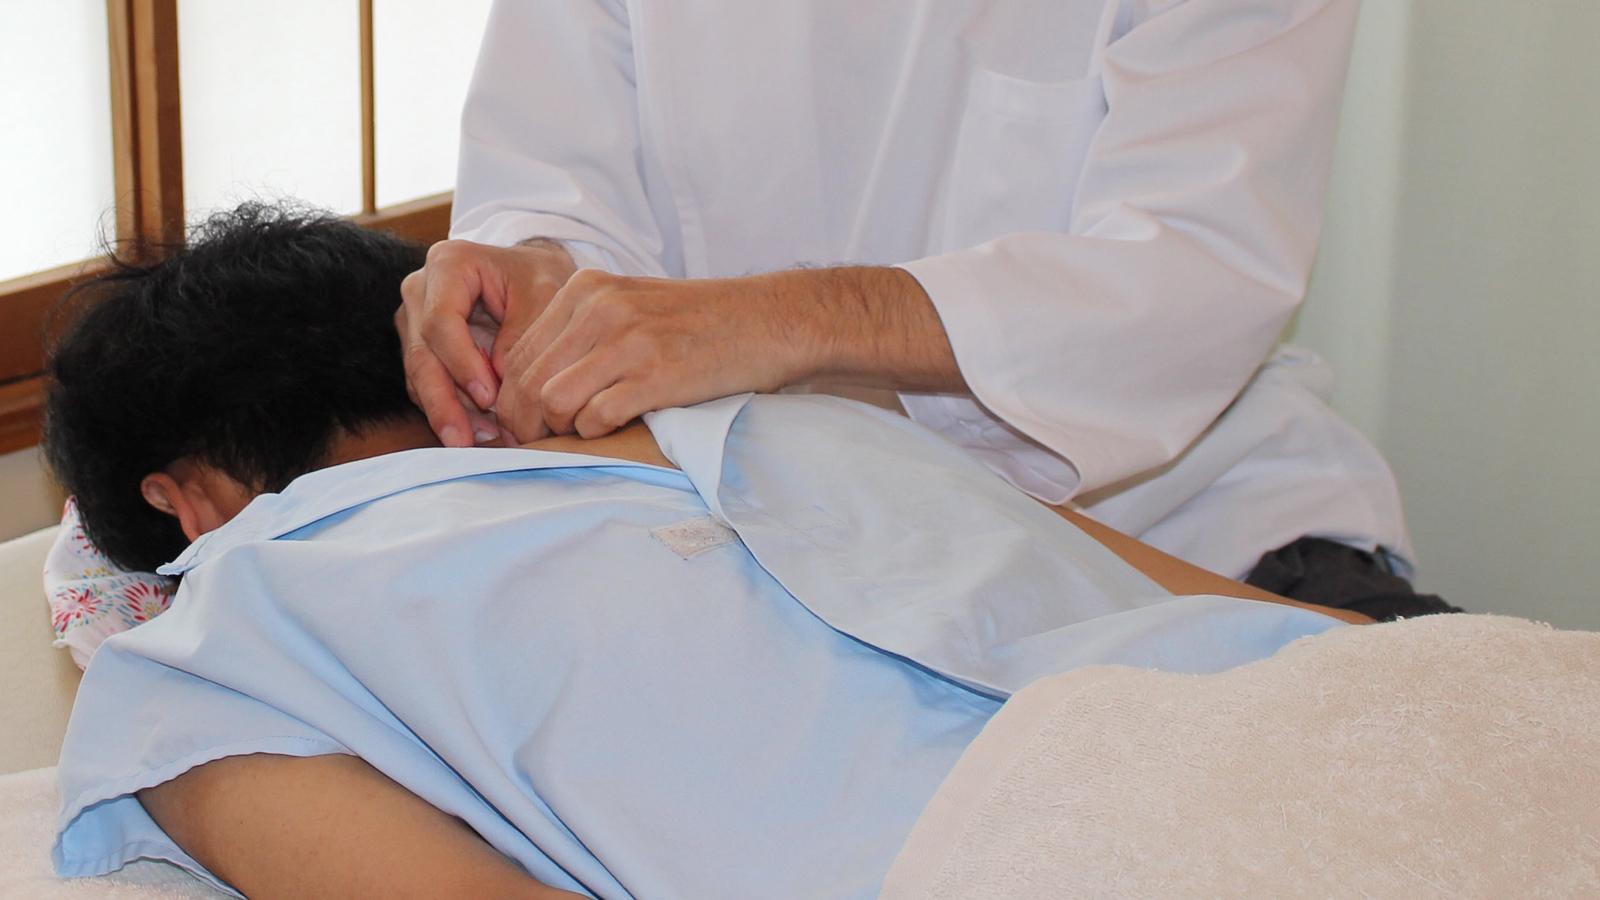 パニック障害を鍼治療